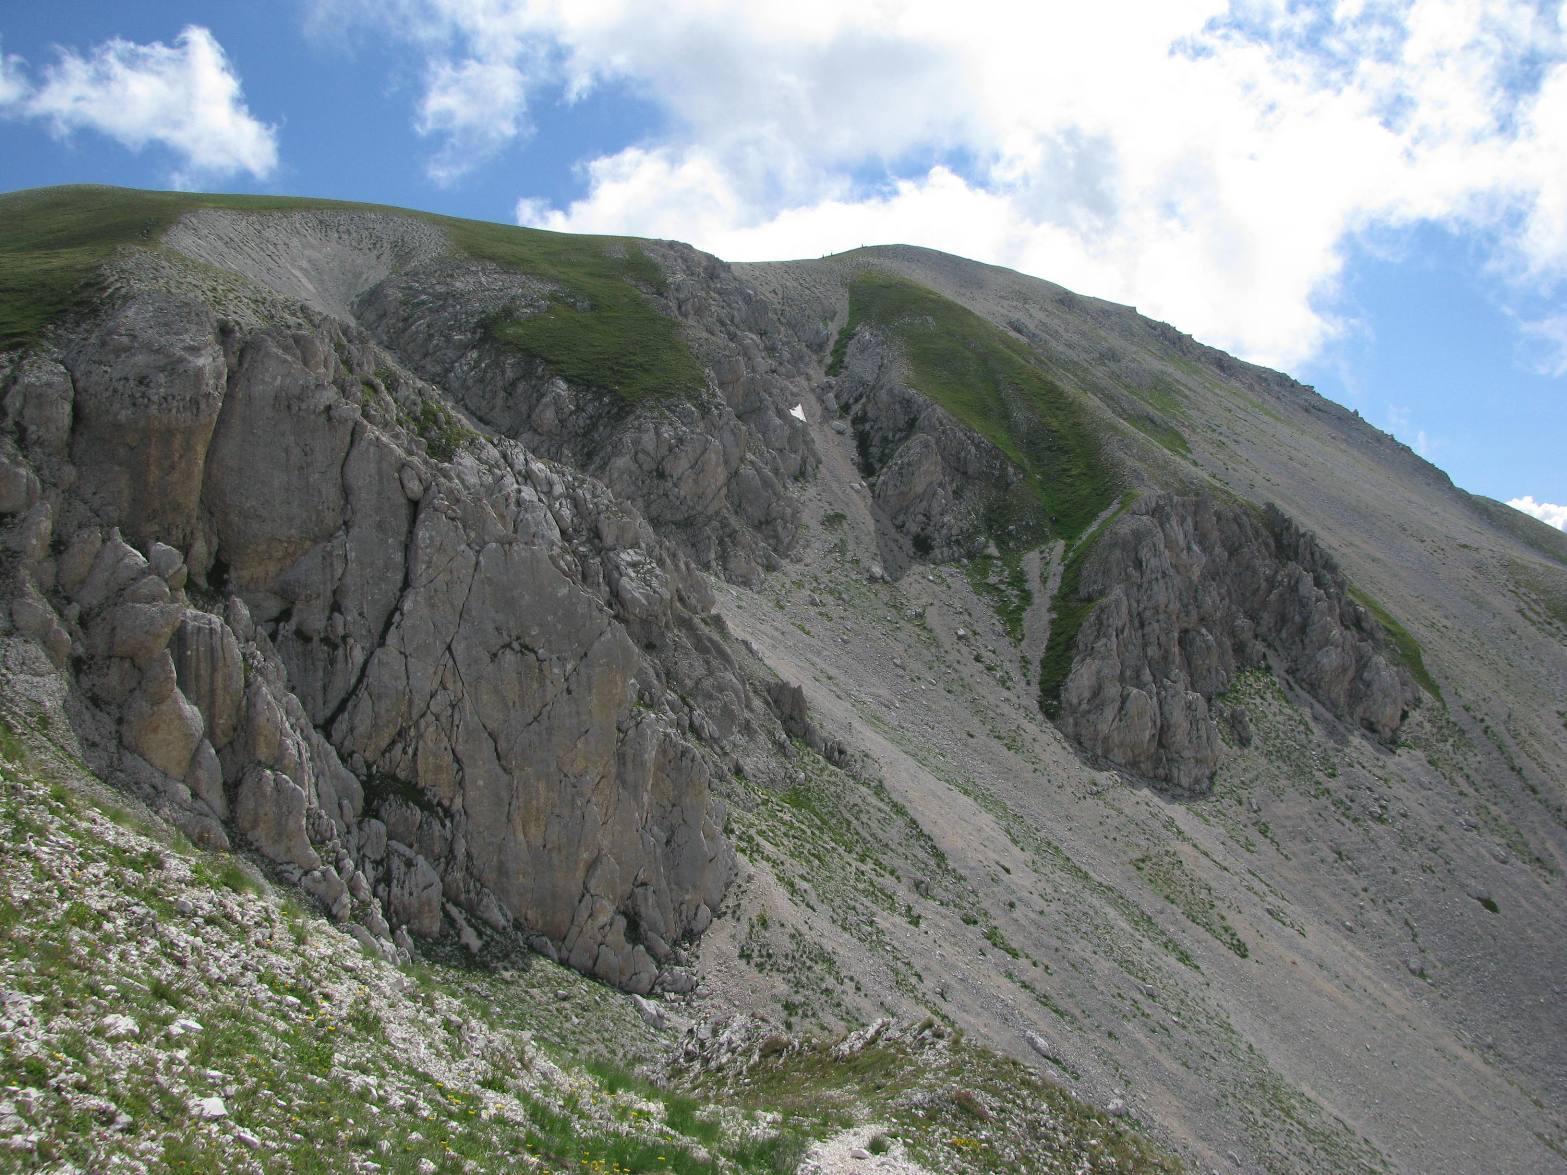 La facile dorsale del Monte Aquila